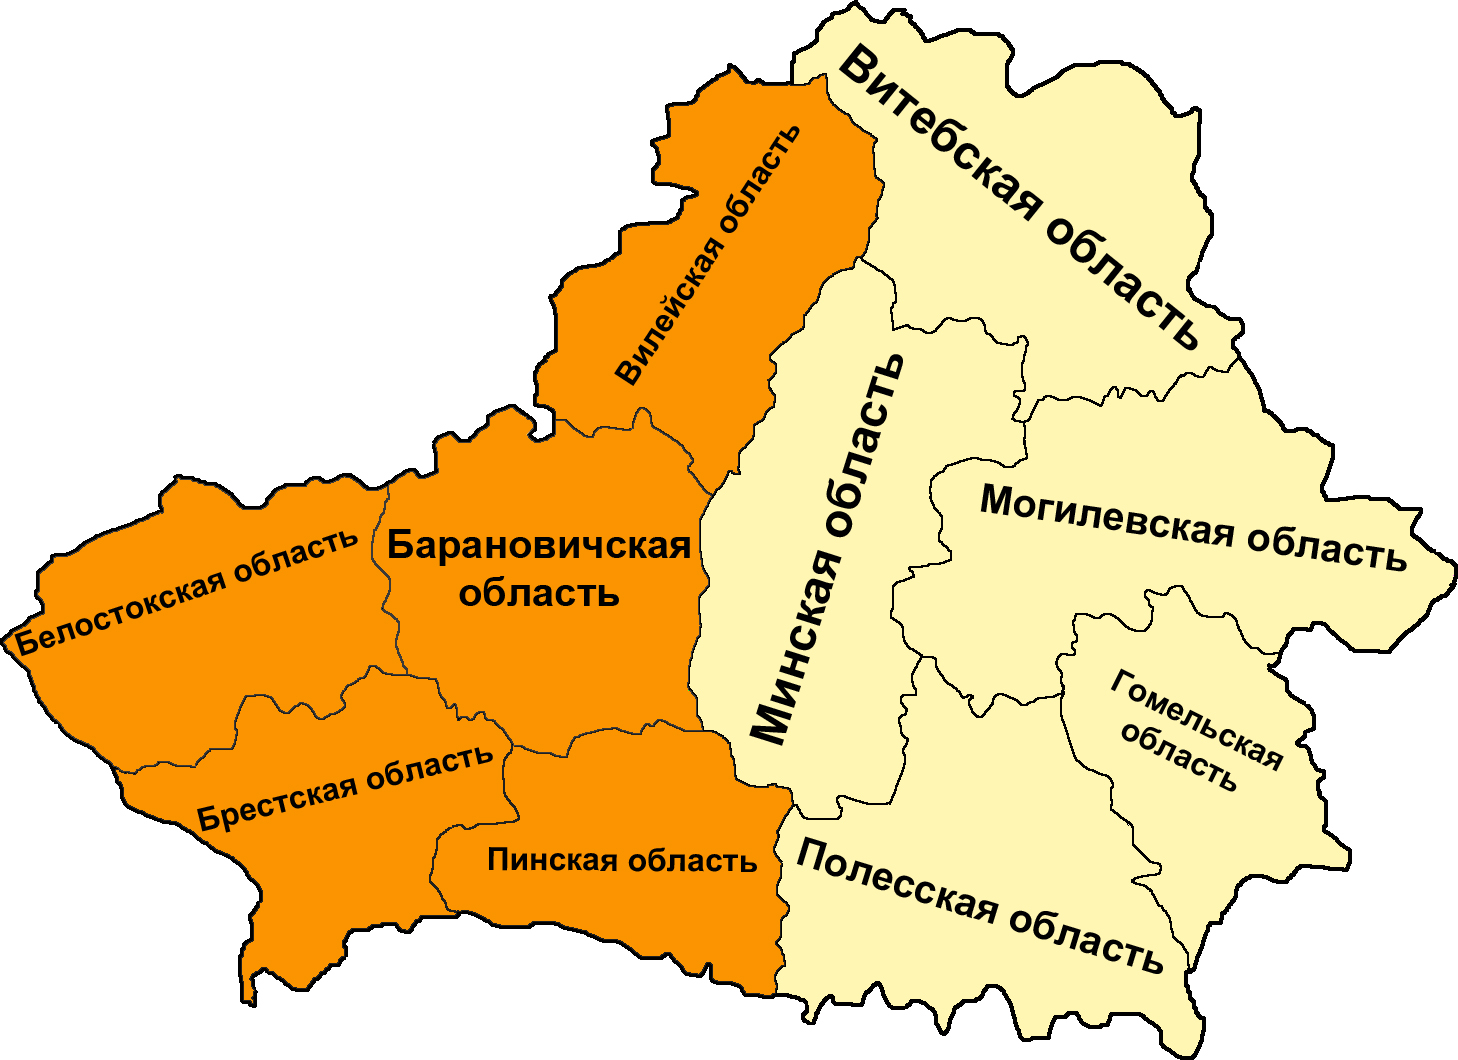 пинская шляхта читать онлайн на белорусском